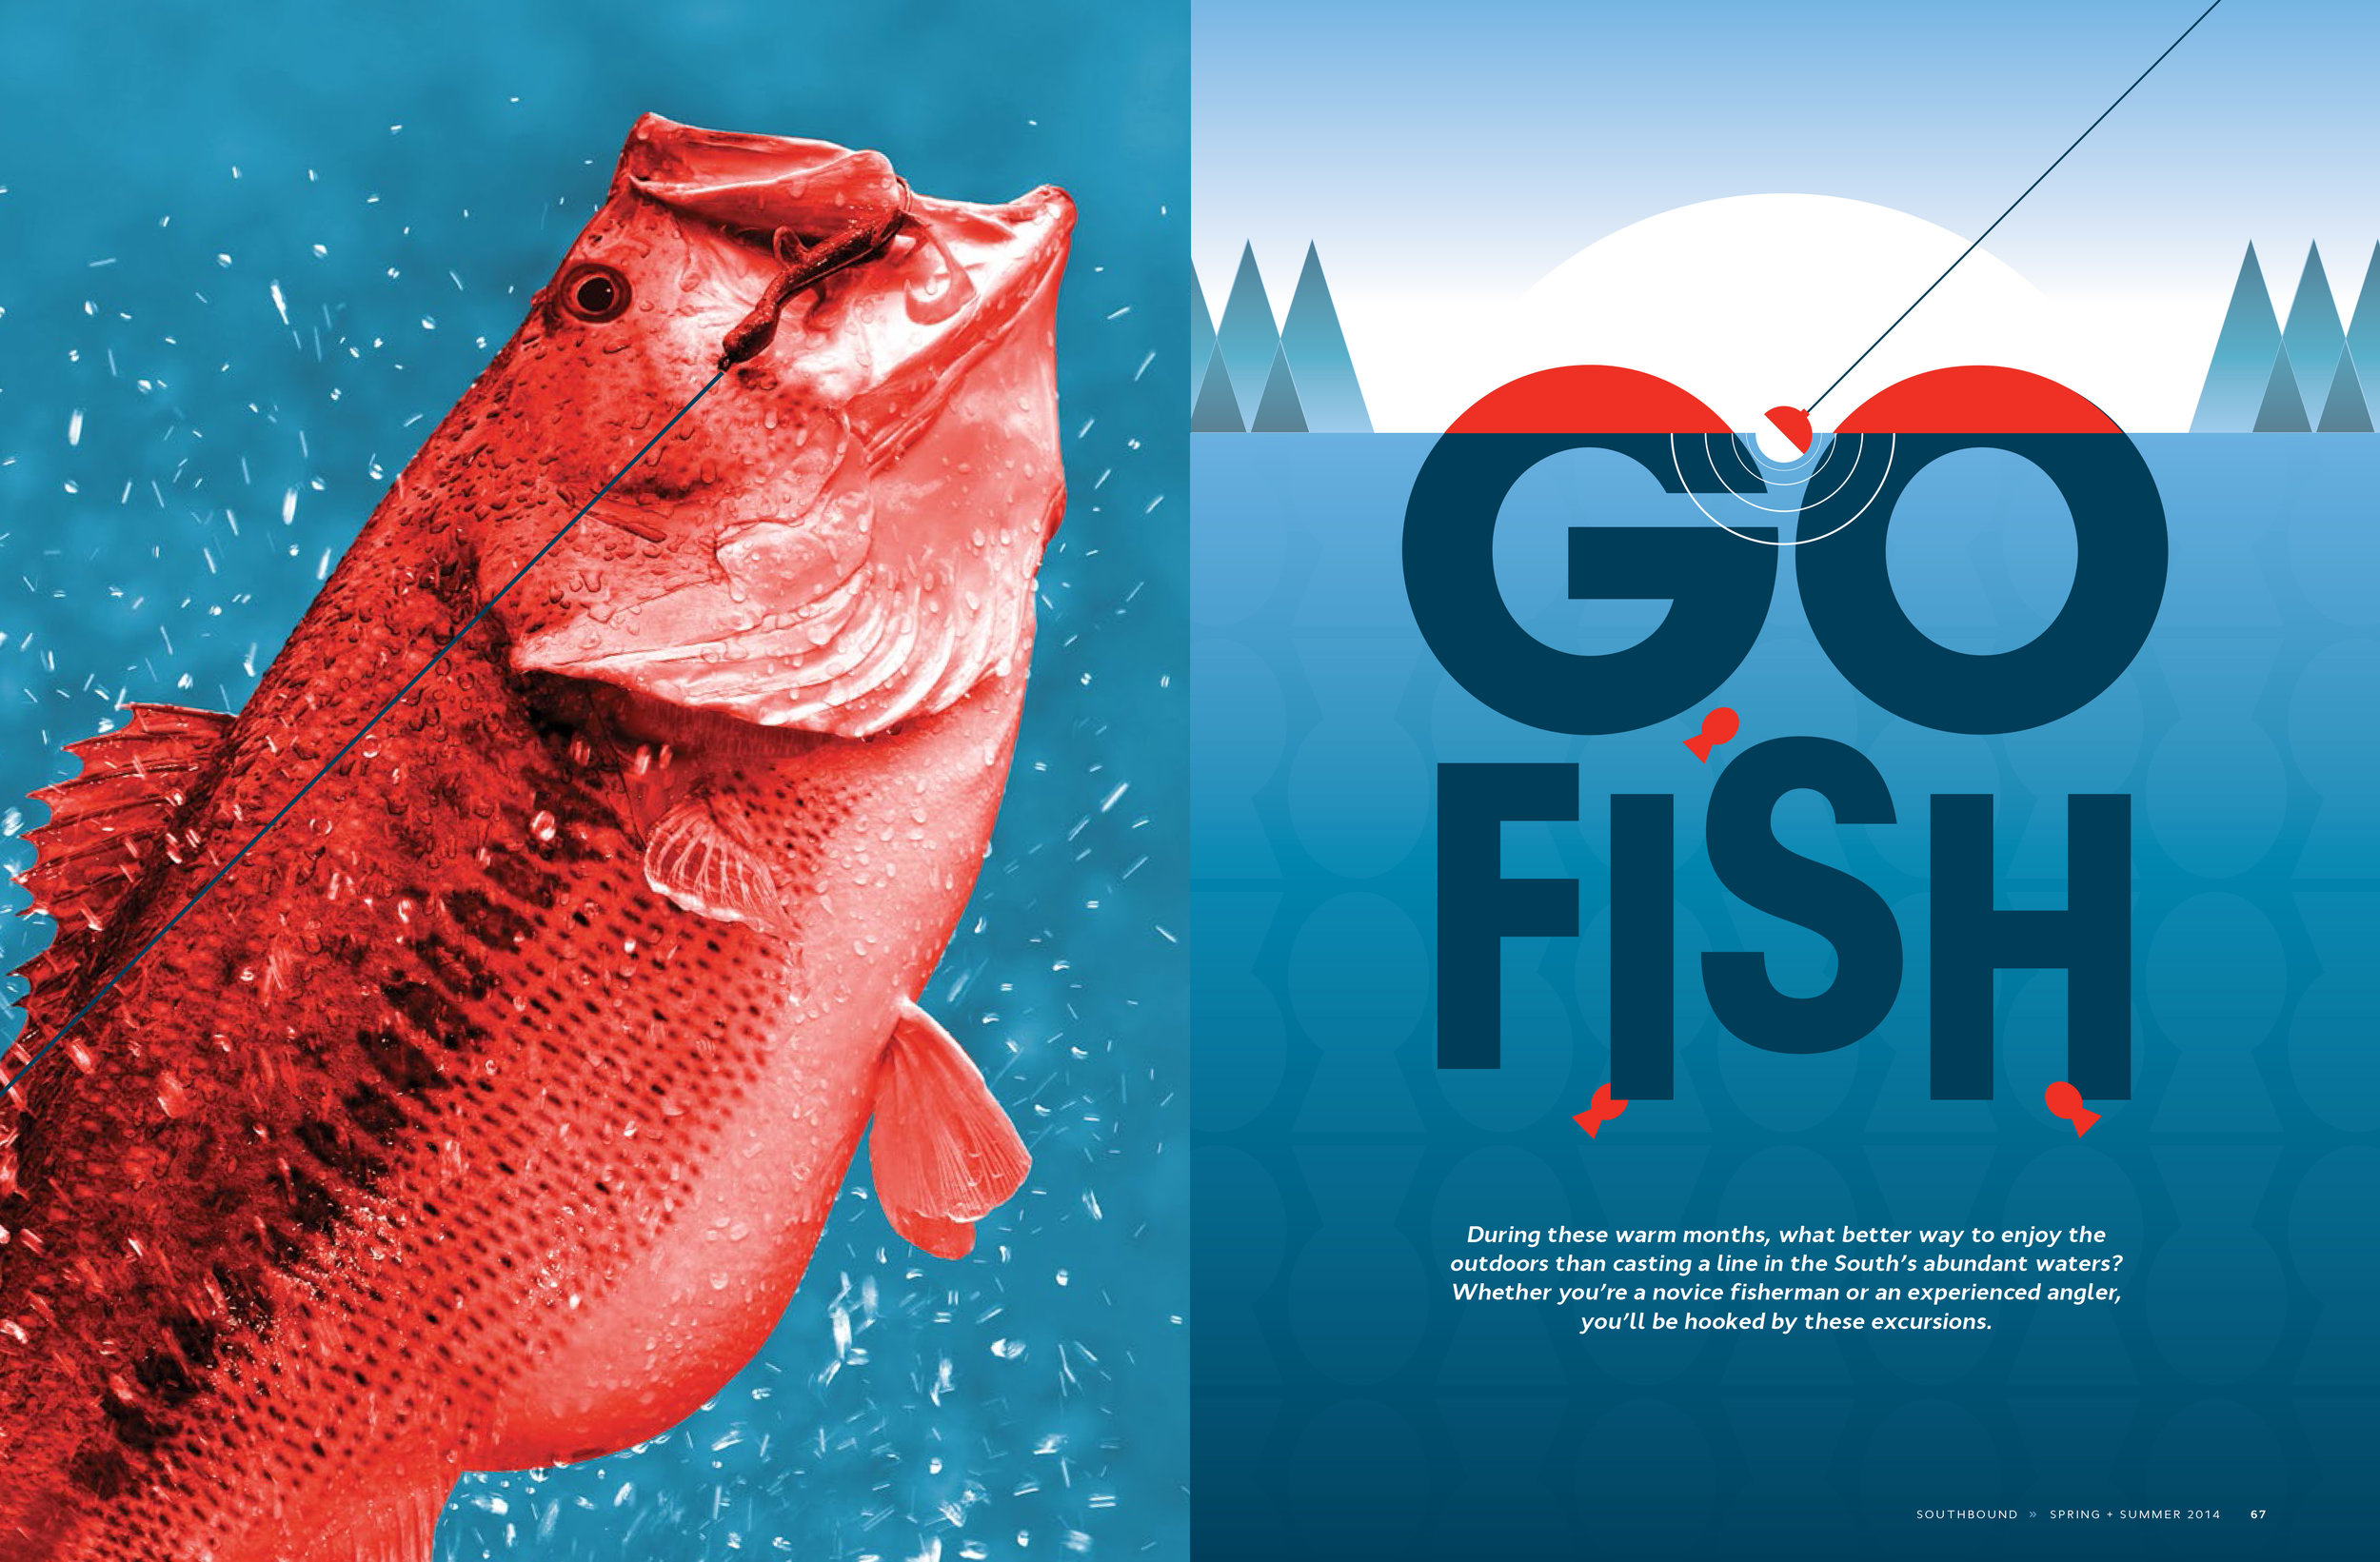 SBFish1.jpg